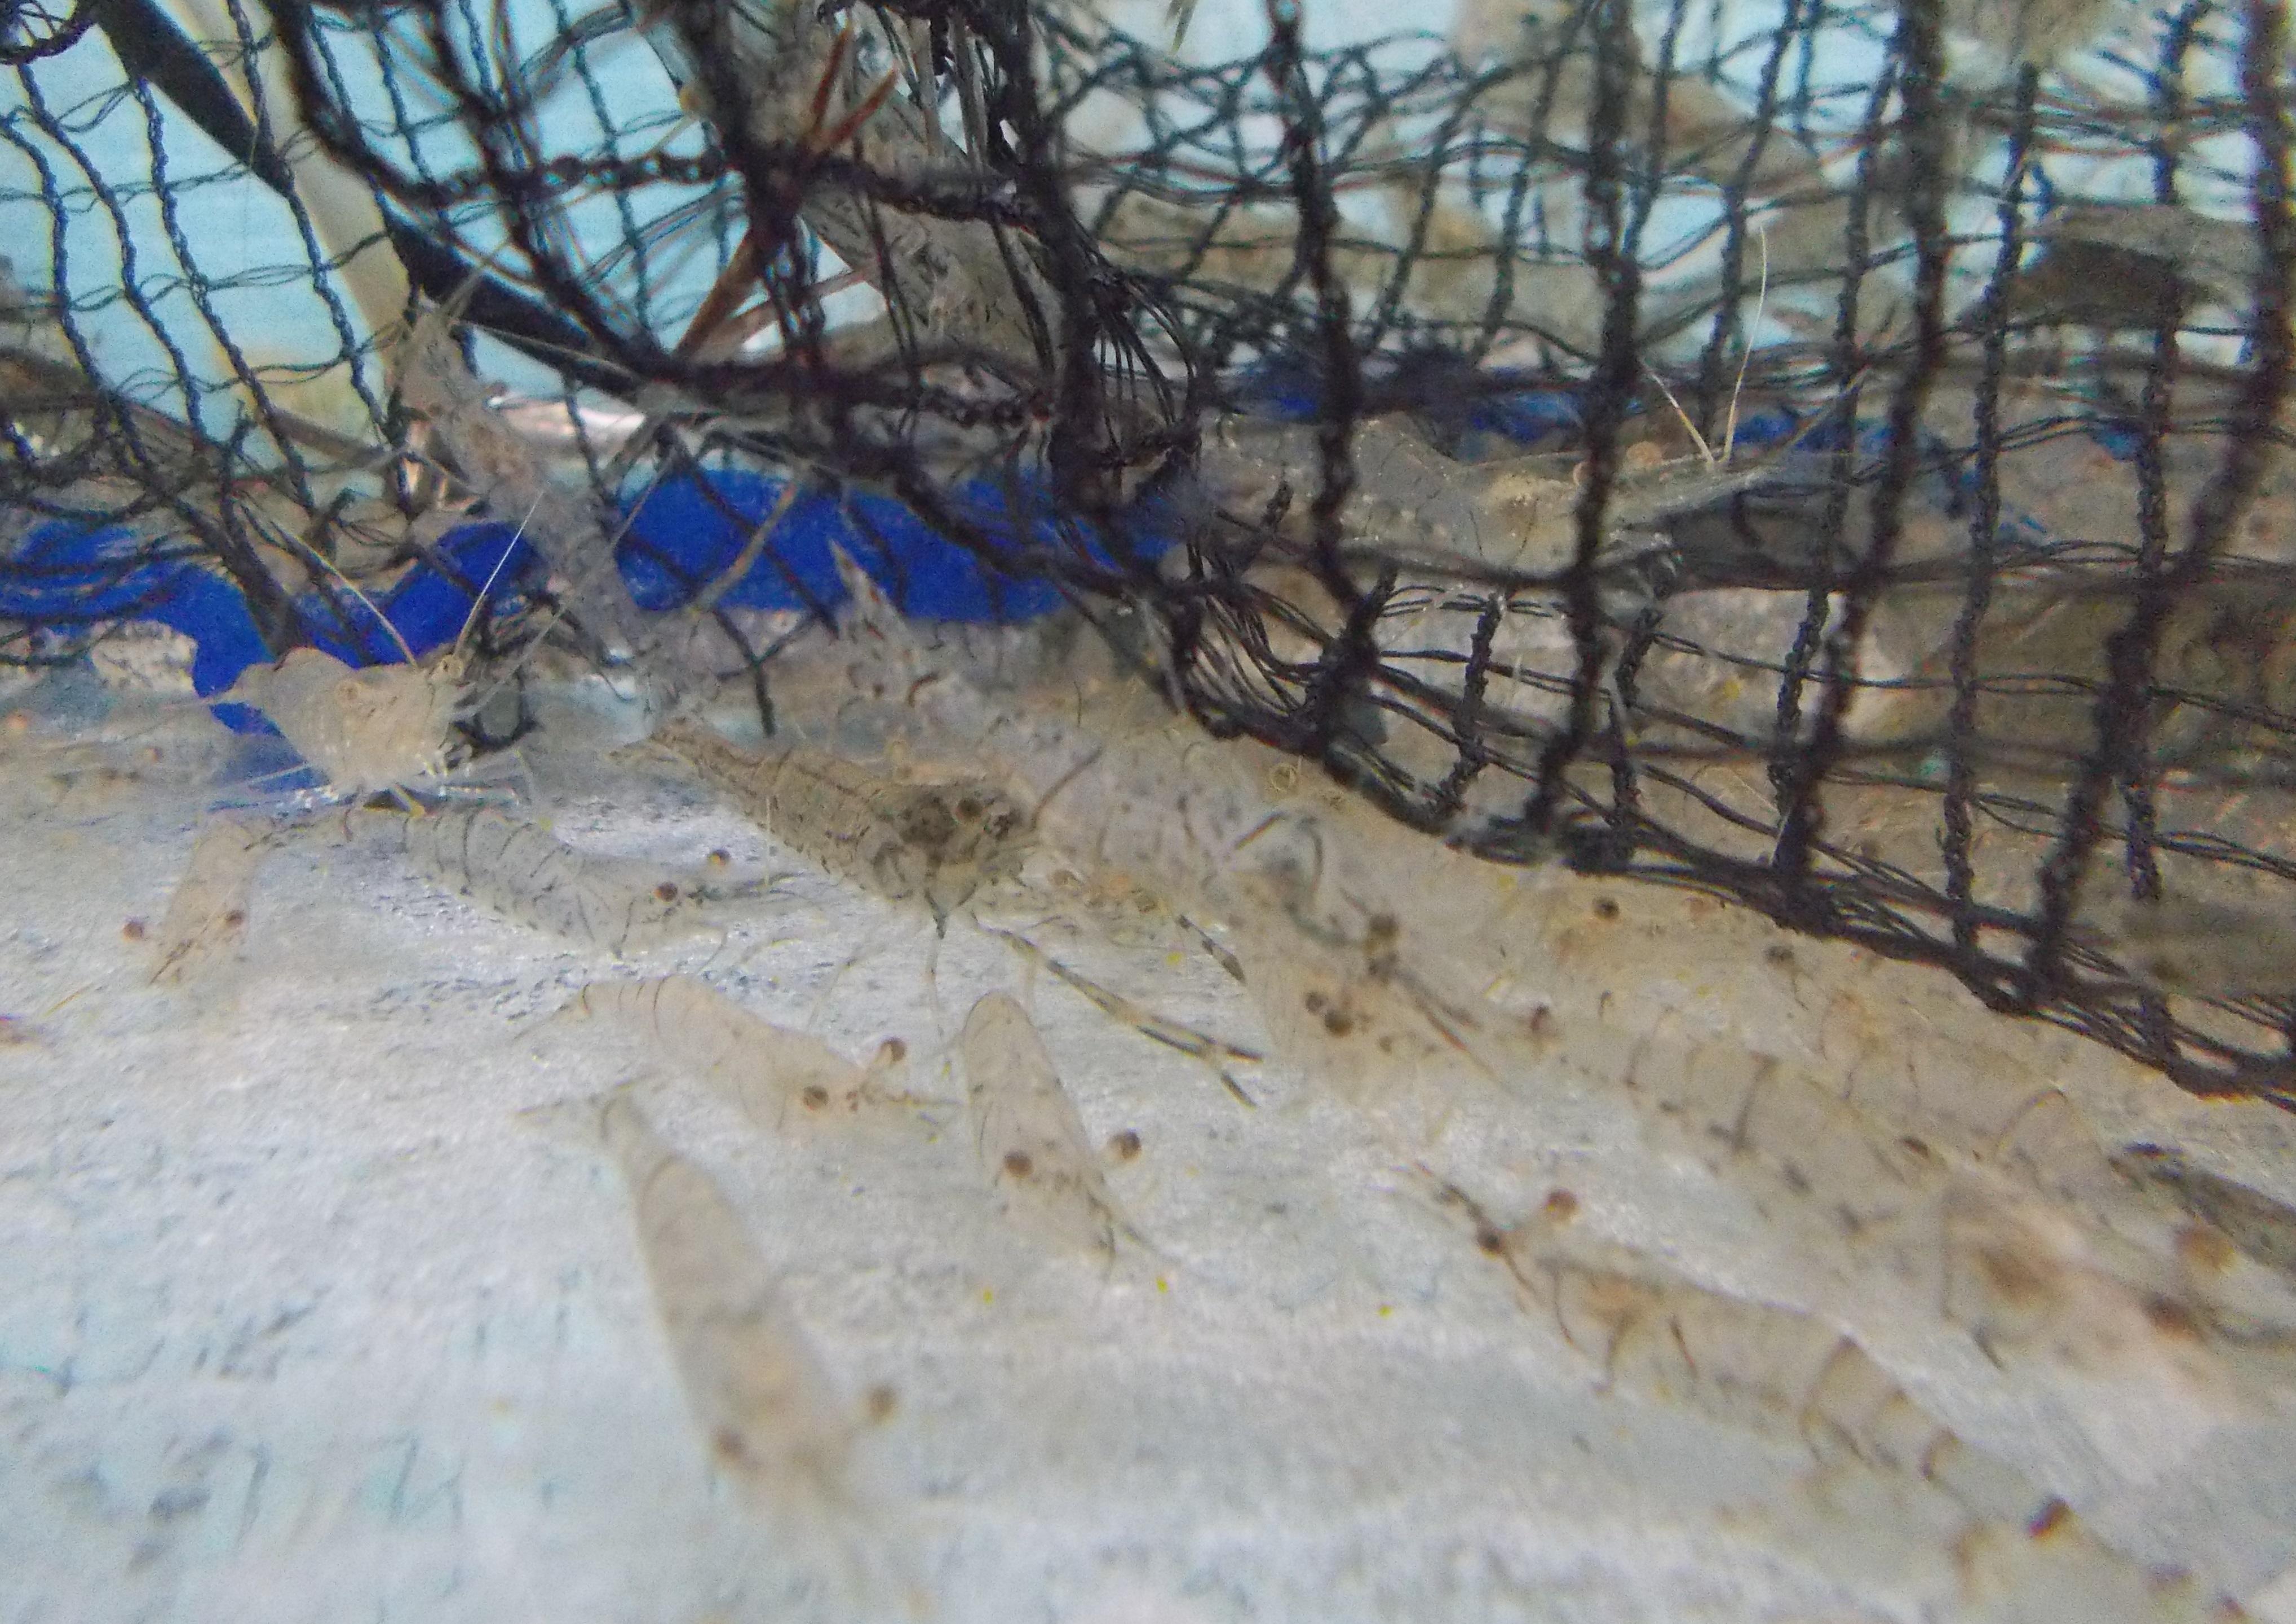 今回はエサ釣り、モエビのエサで尻尾にチョン掛けで釣りました。